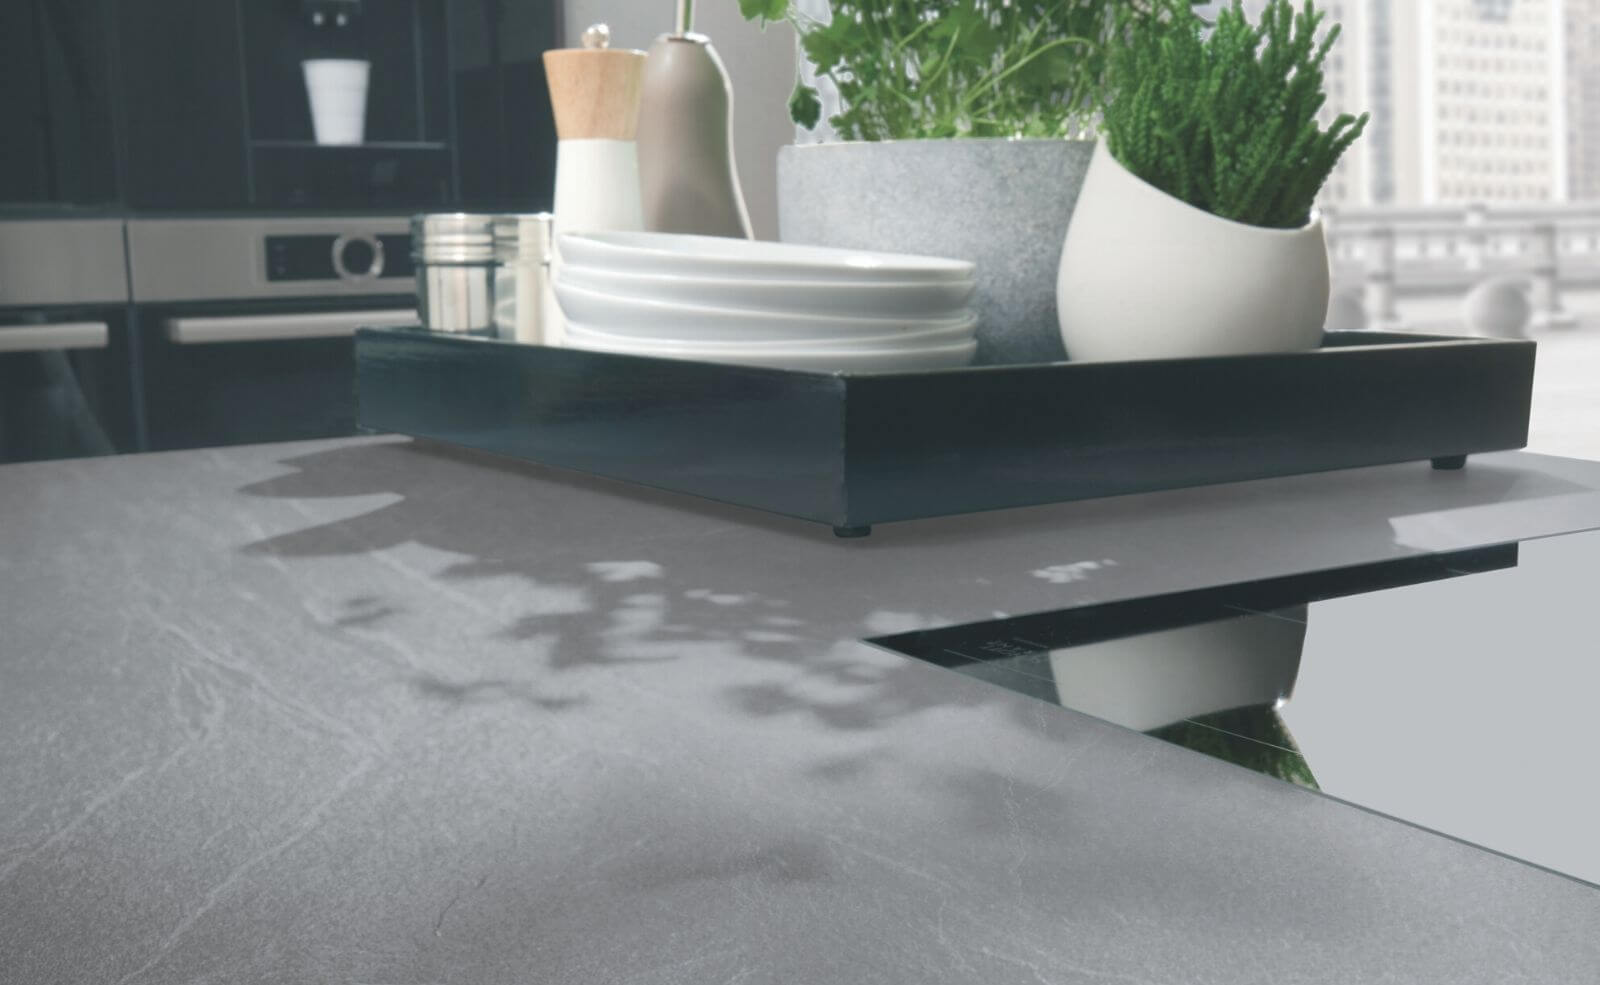 Xtra von nobilia: Arbeitsplatten der EXTRAklasse für deine Küche